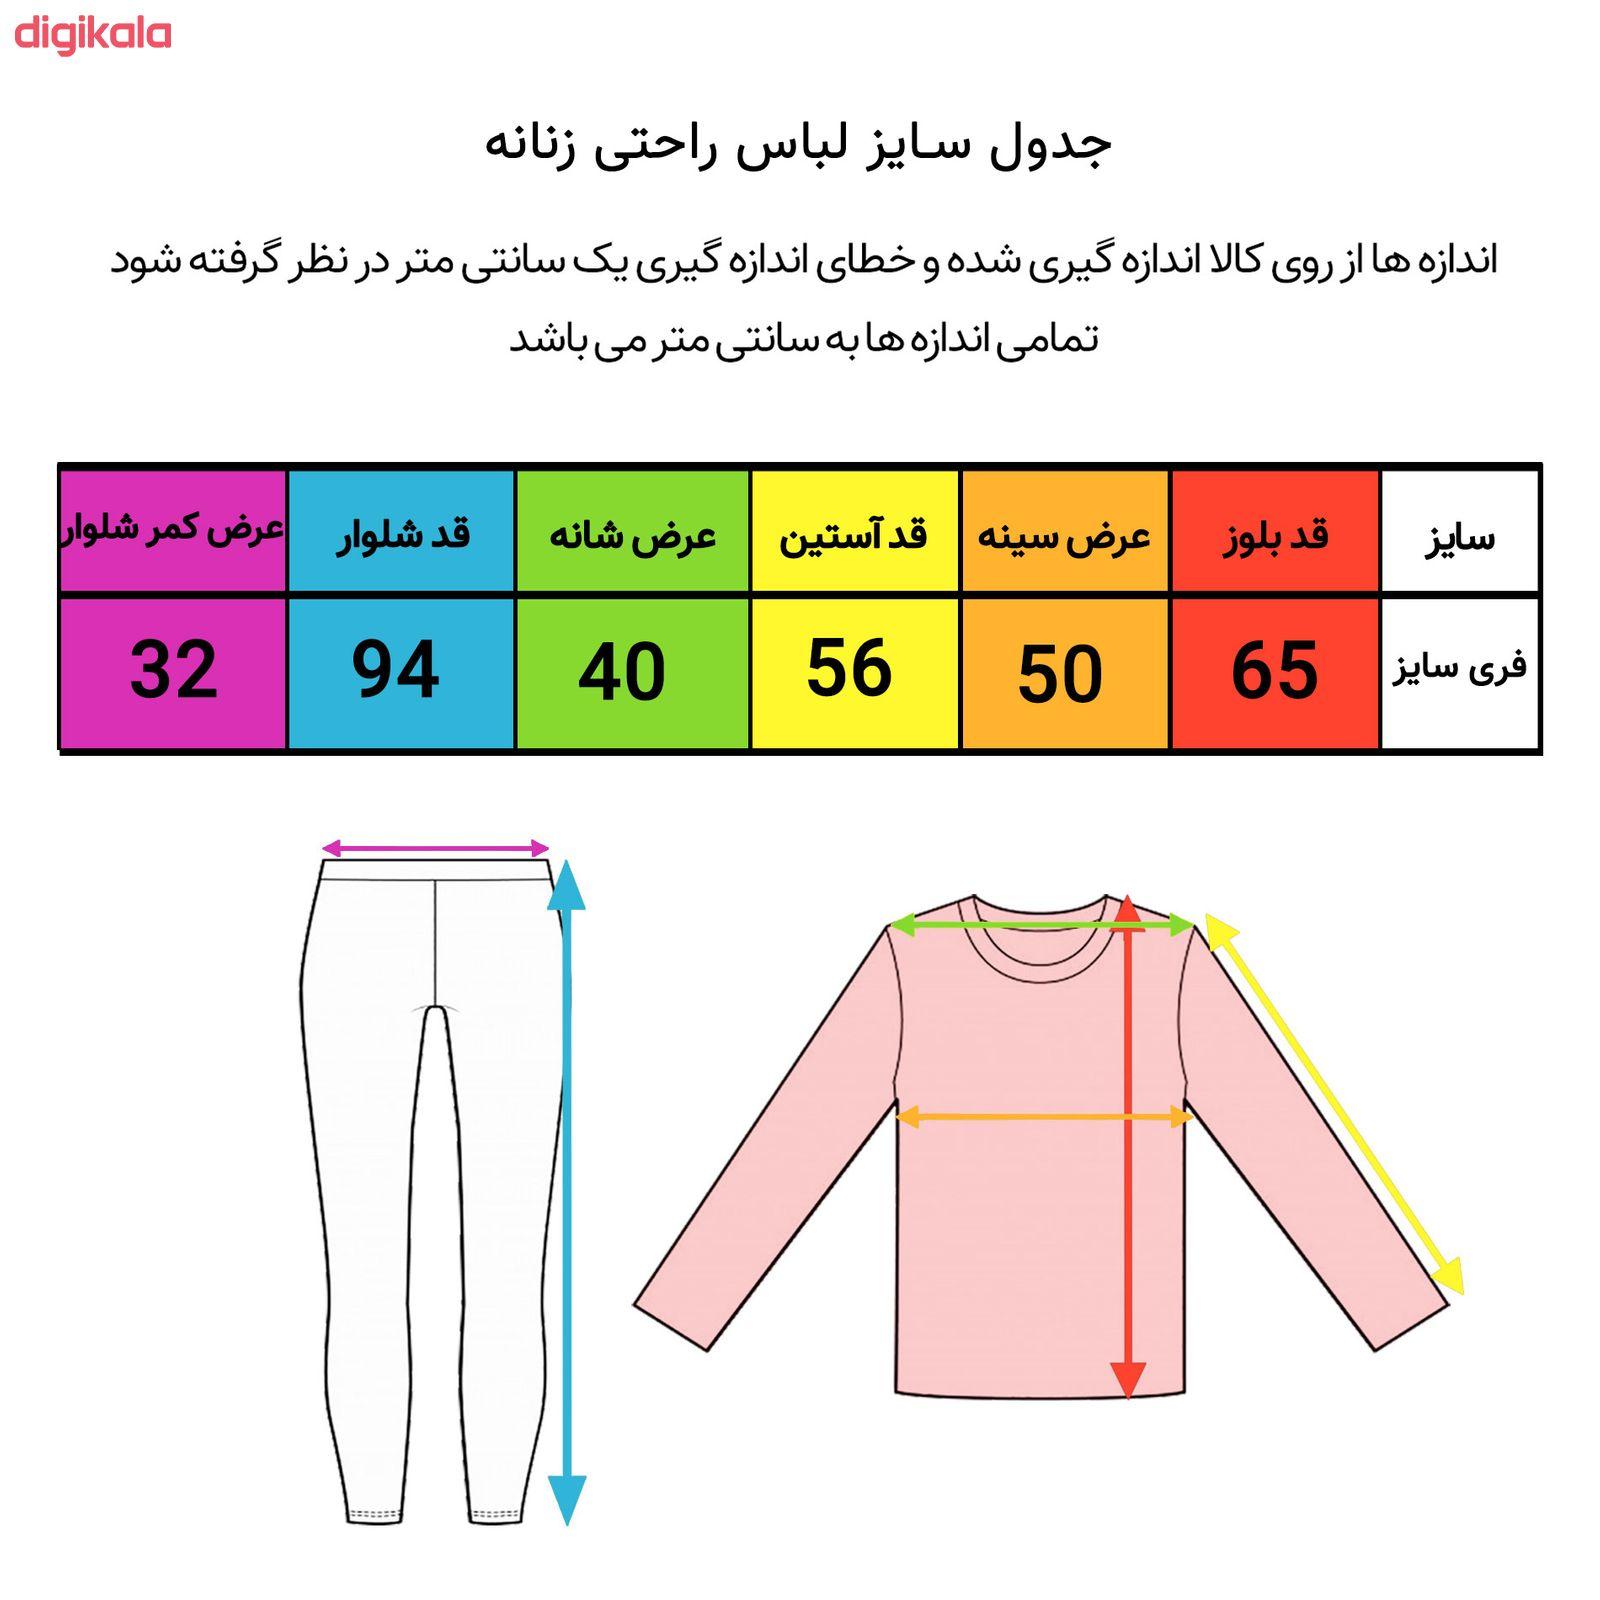 ست تی شرت و شلوار زنانه ماییلدا مدل 3587-1 main 1 7